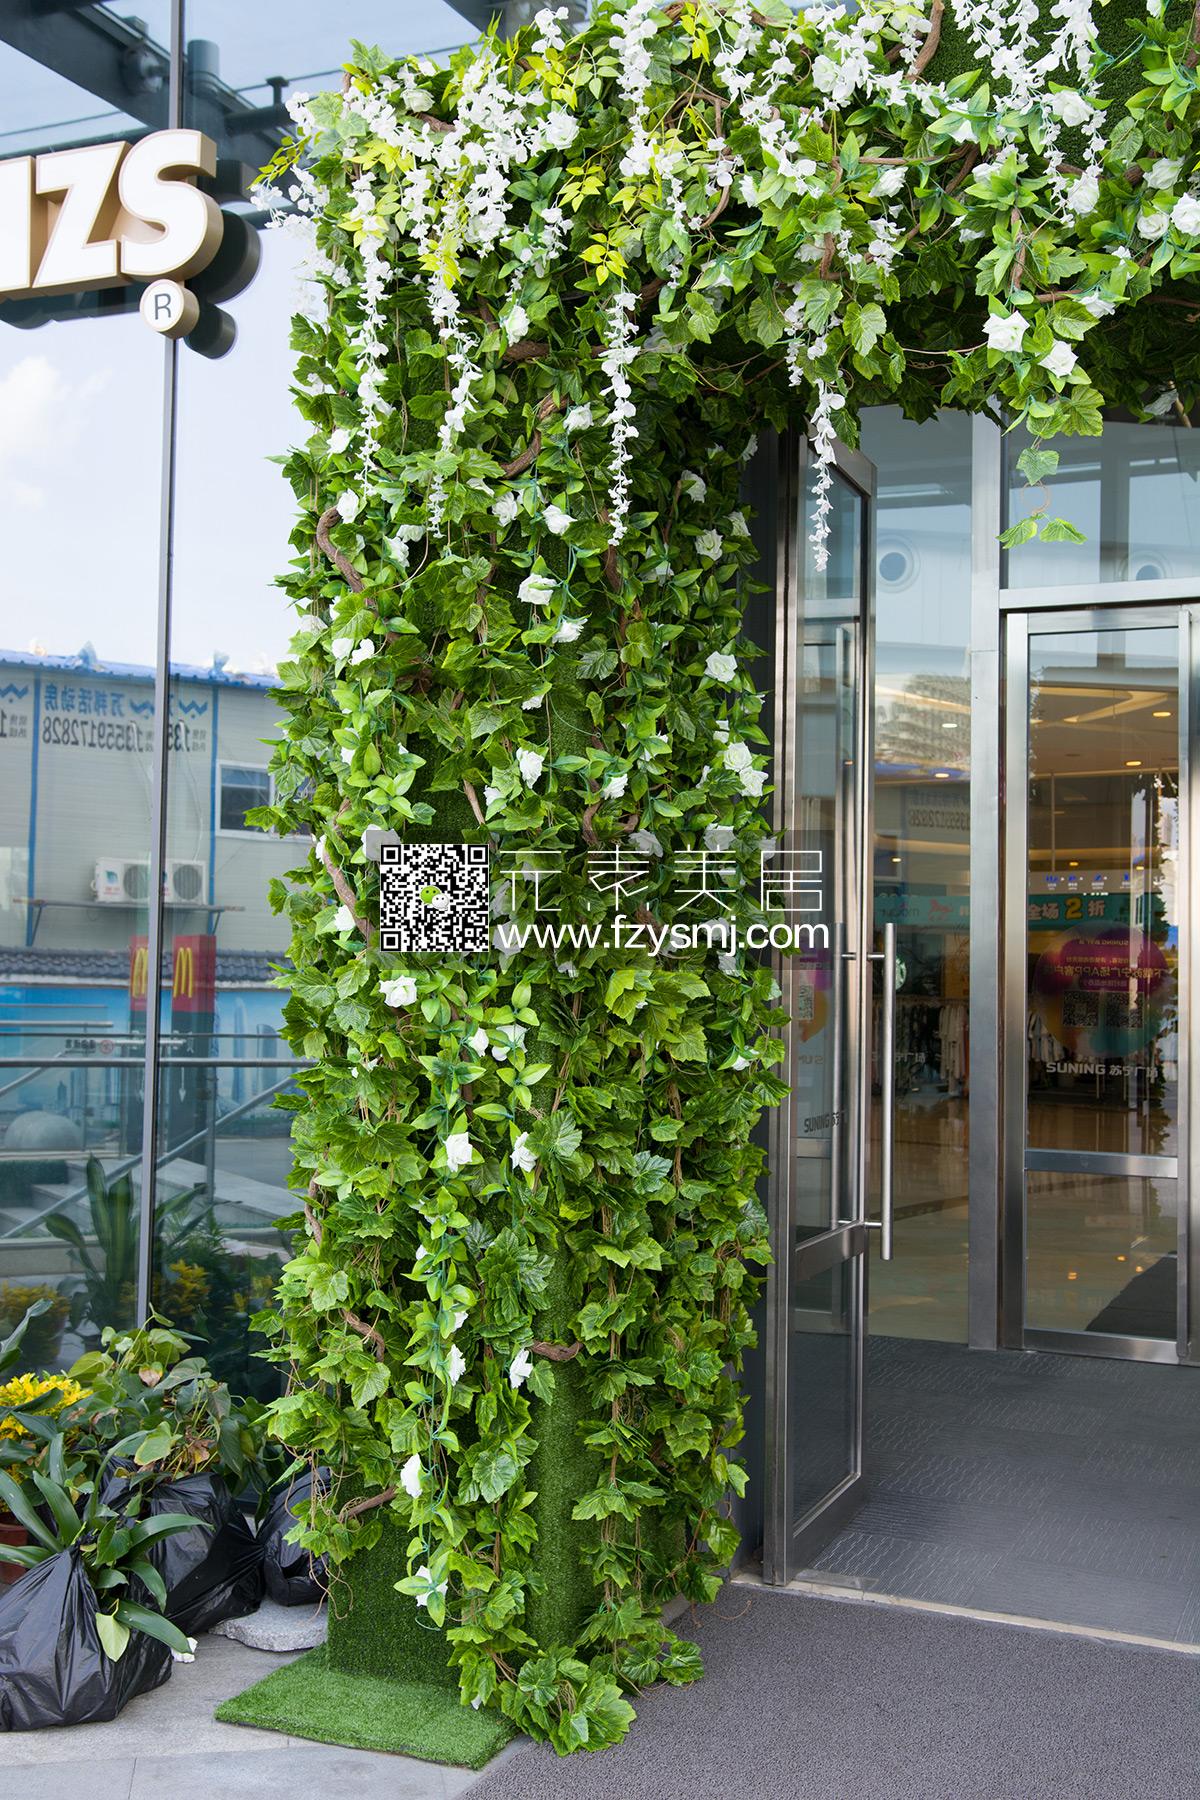 羽画-植物墙门头装饰案例03